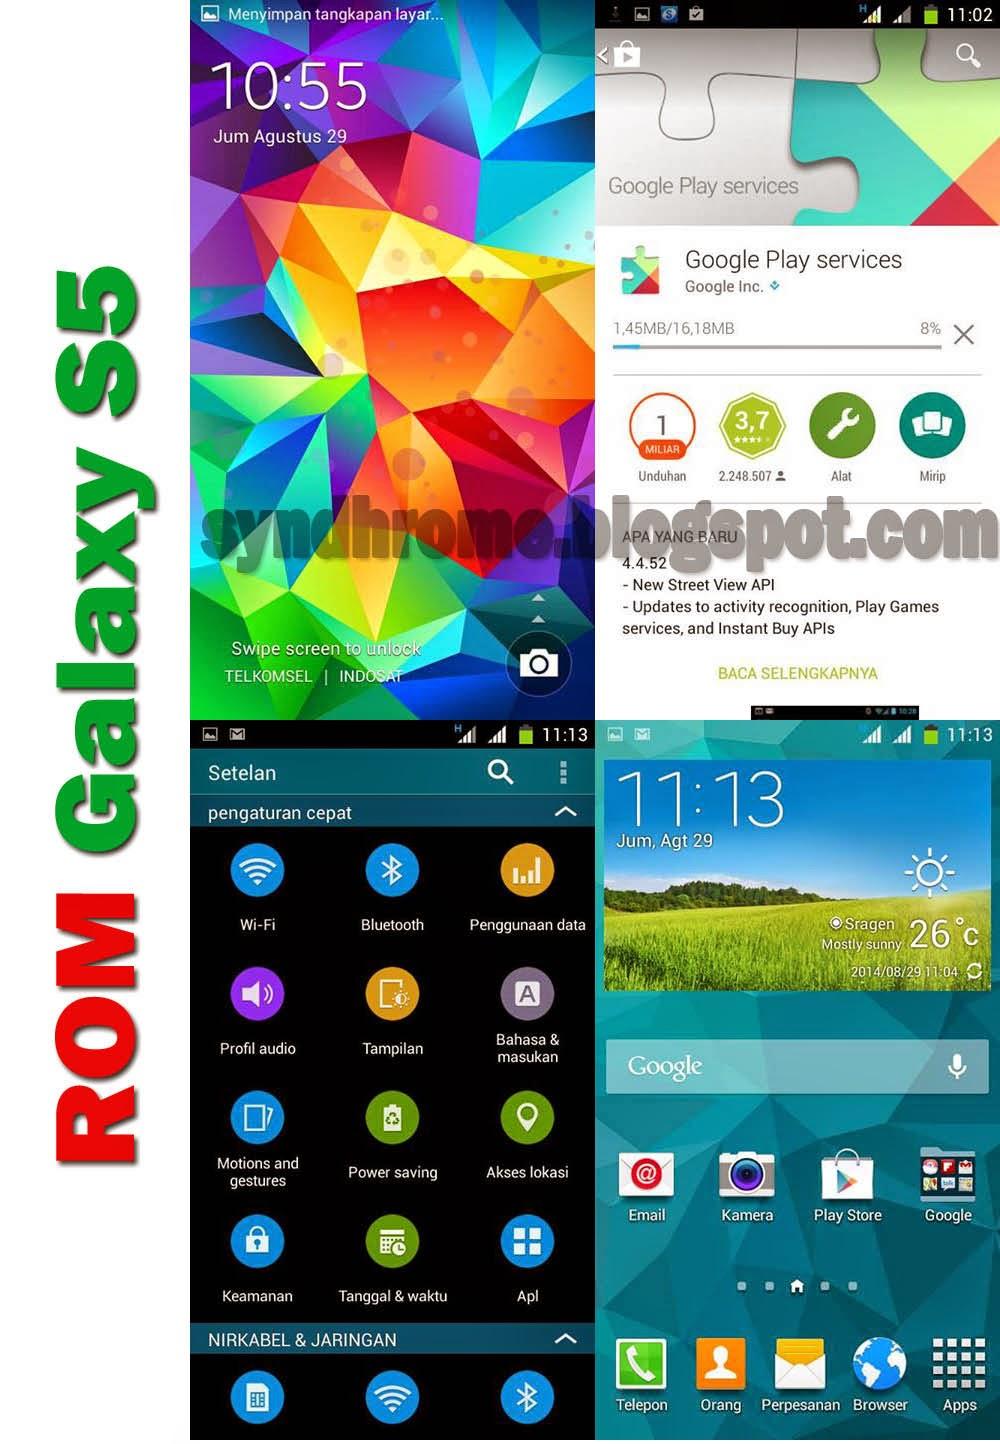 Cara Membuat Evercoss A66A menjadi Samsung Galaxy S5 | ROM Terbaru!